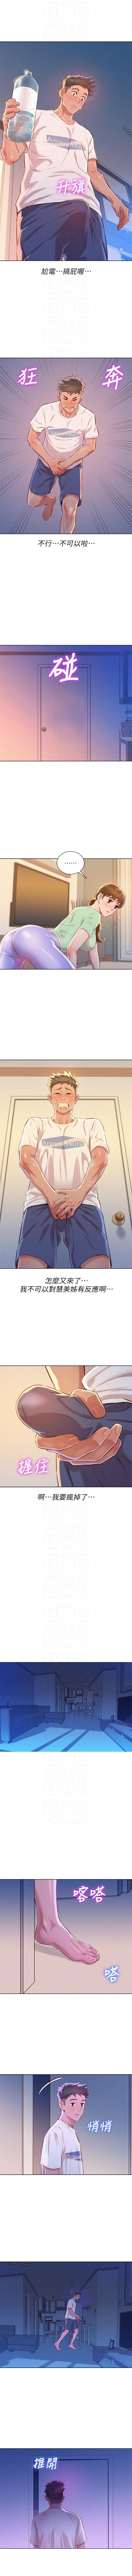 (周7)漂亮干姐姐  1-81 中文翻译 (更新中) 350